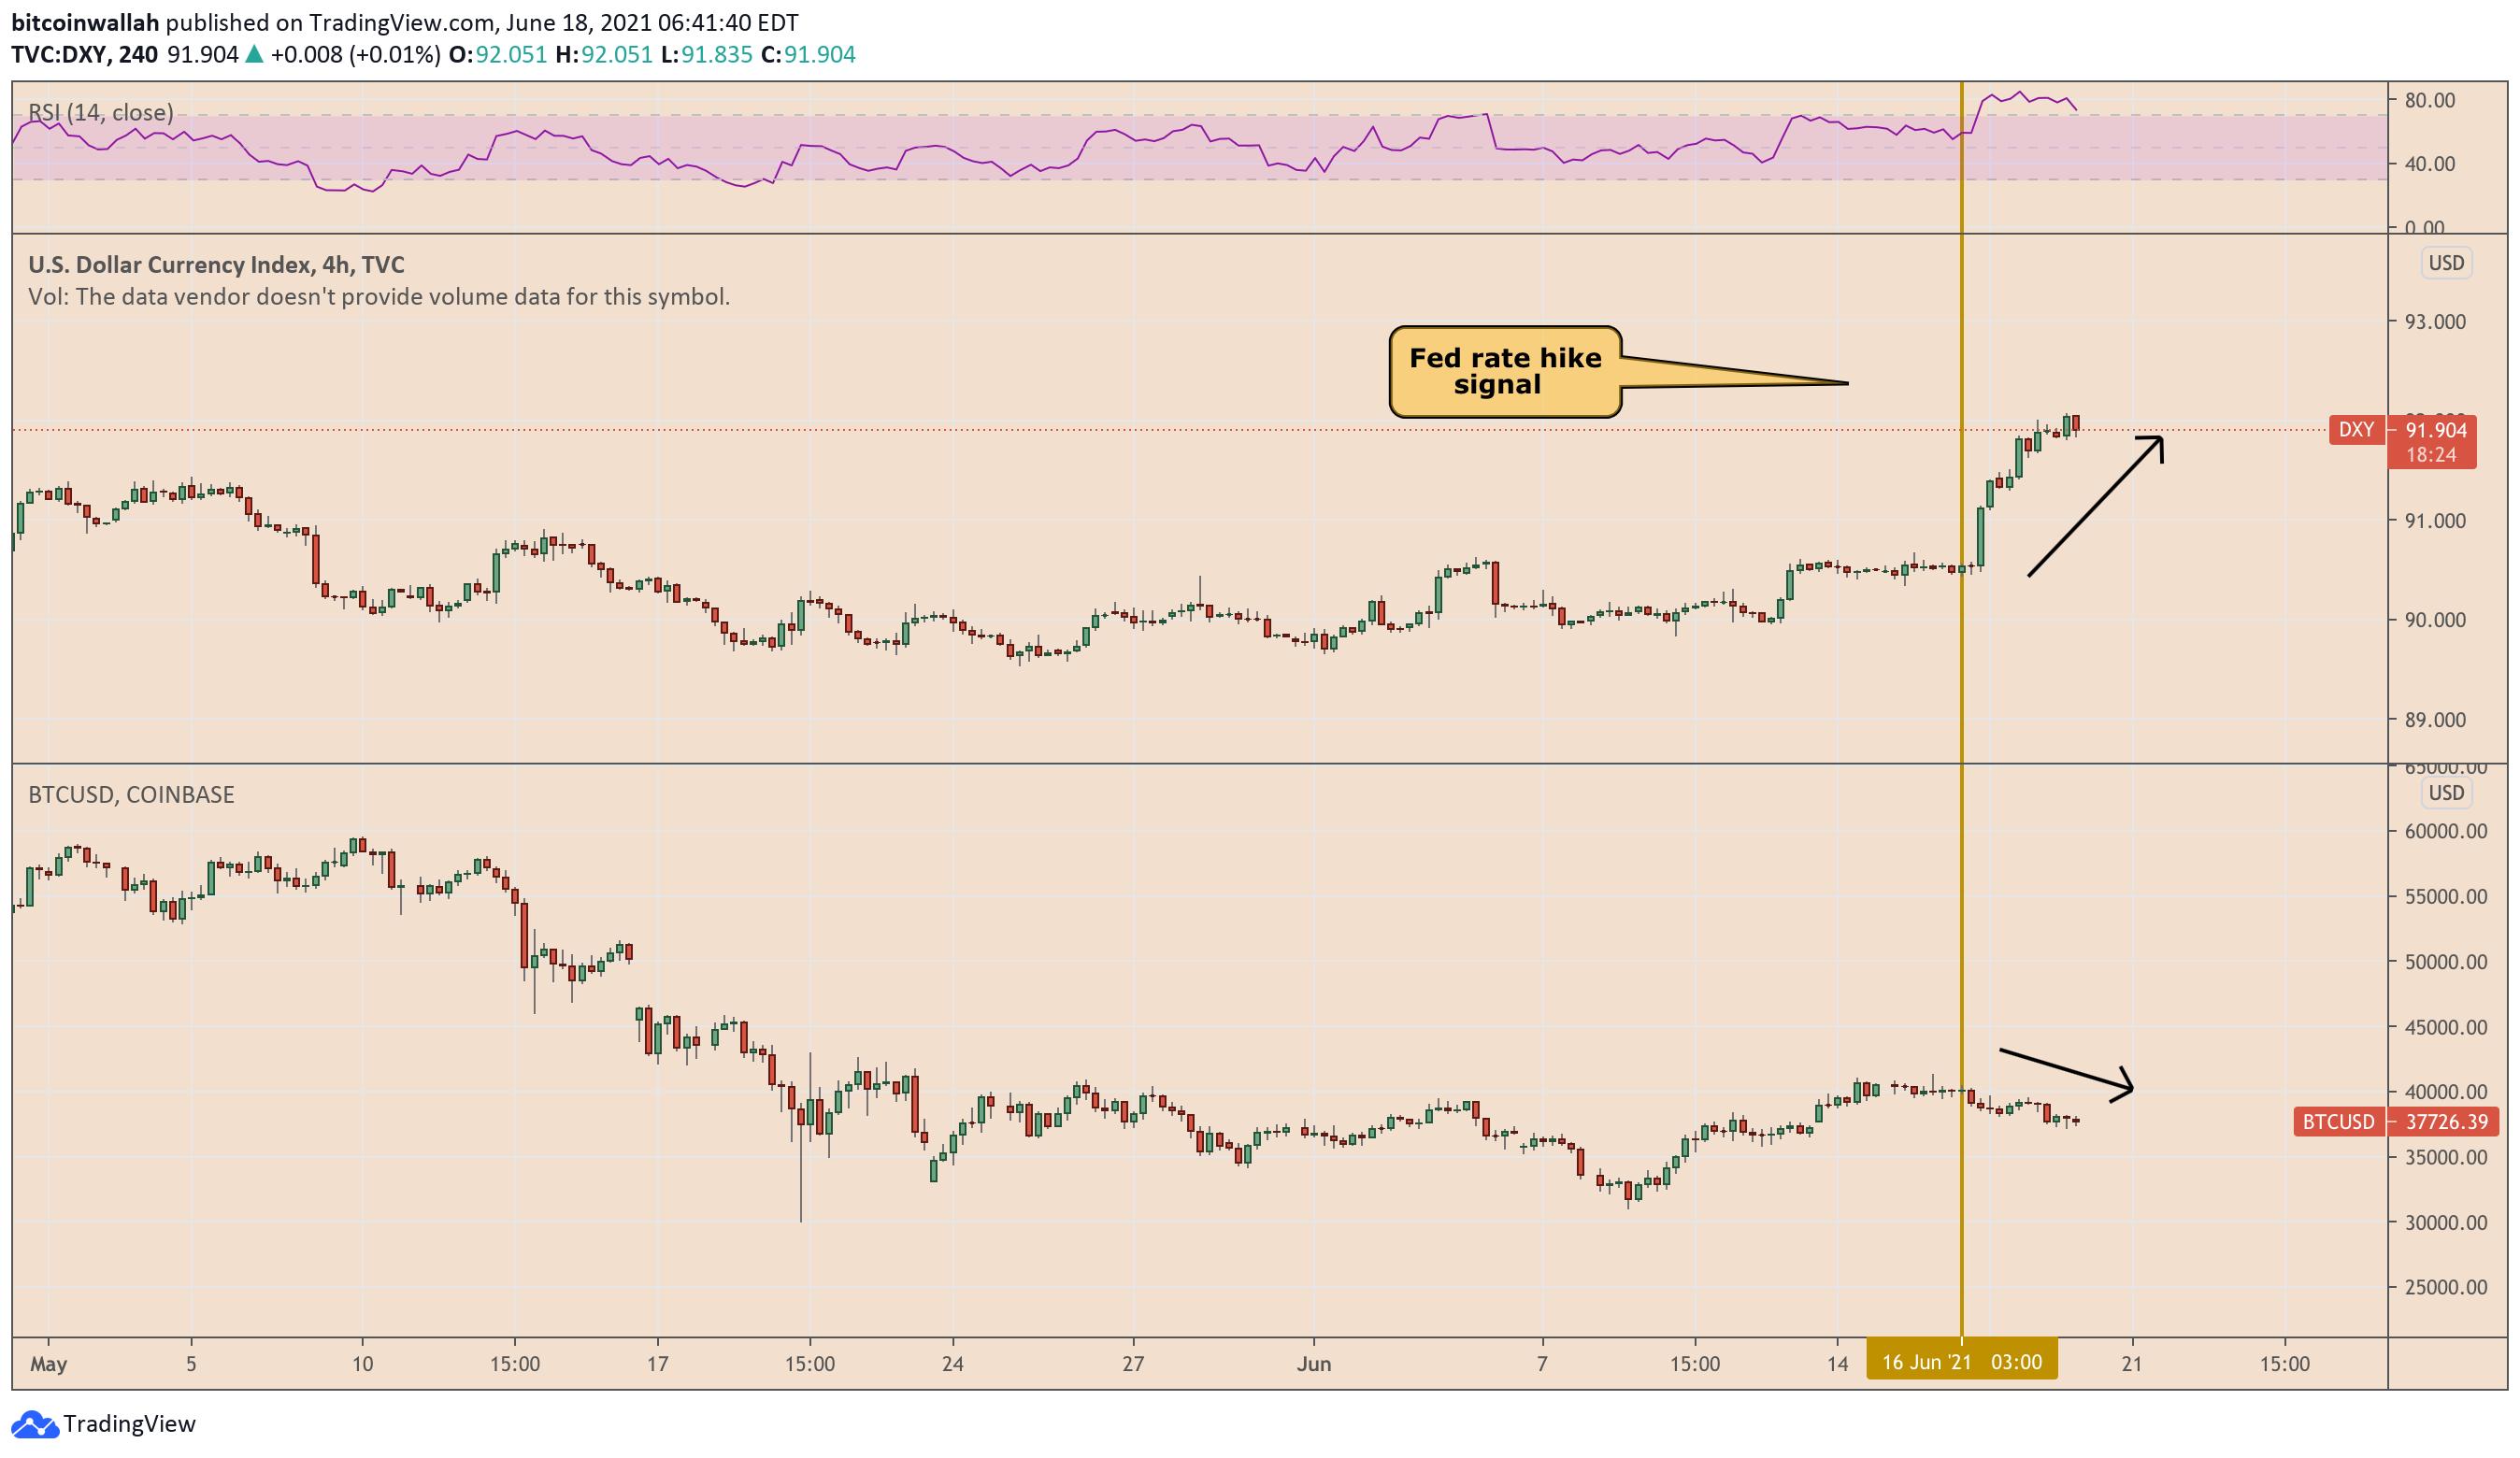 La reazione di Bitcoin e del DXY al segnale della Fed sull'aumento dei tassi (finora)